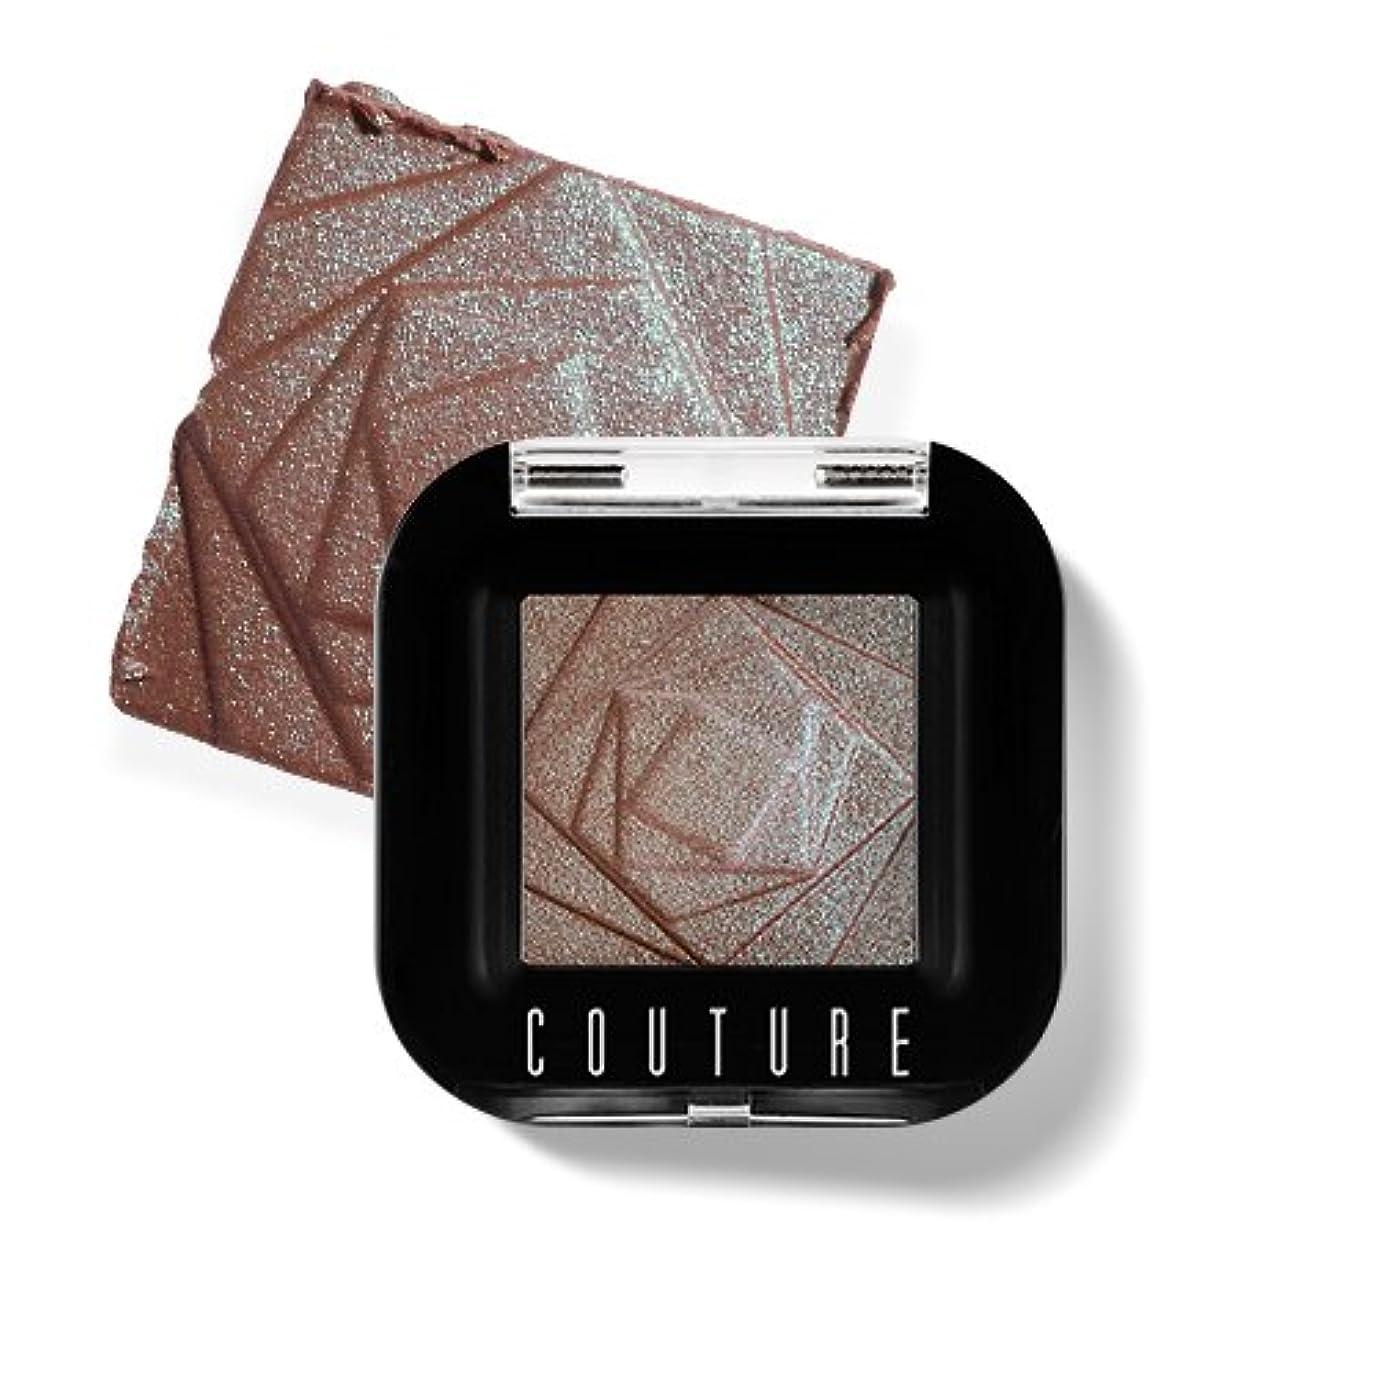 リース雄大な登録するAPIEU Couture Shadow (# 15) /アピュ/オピュ クチュールシャドウ [並行輸入品]